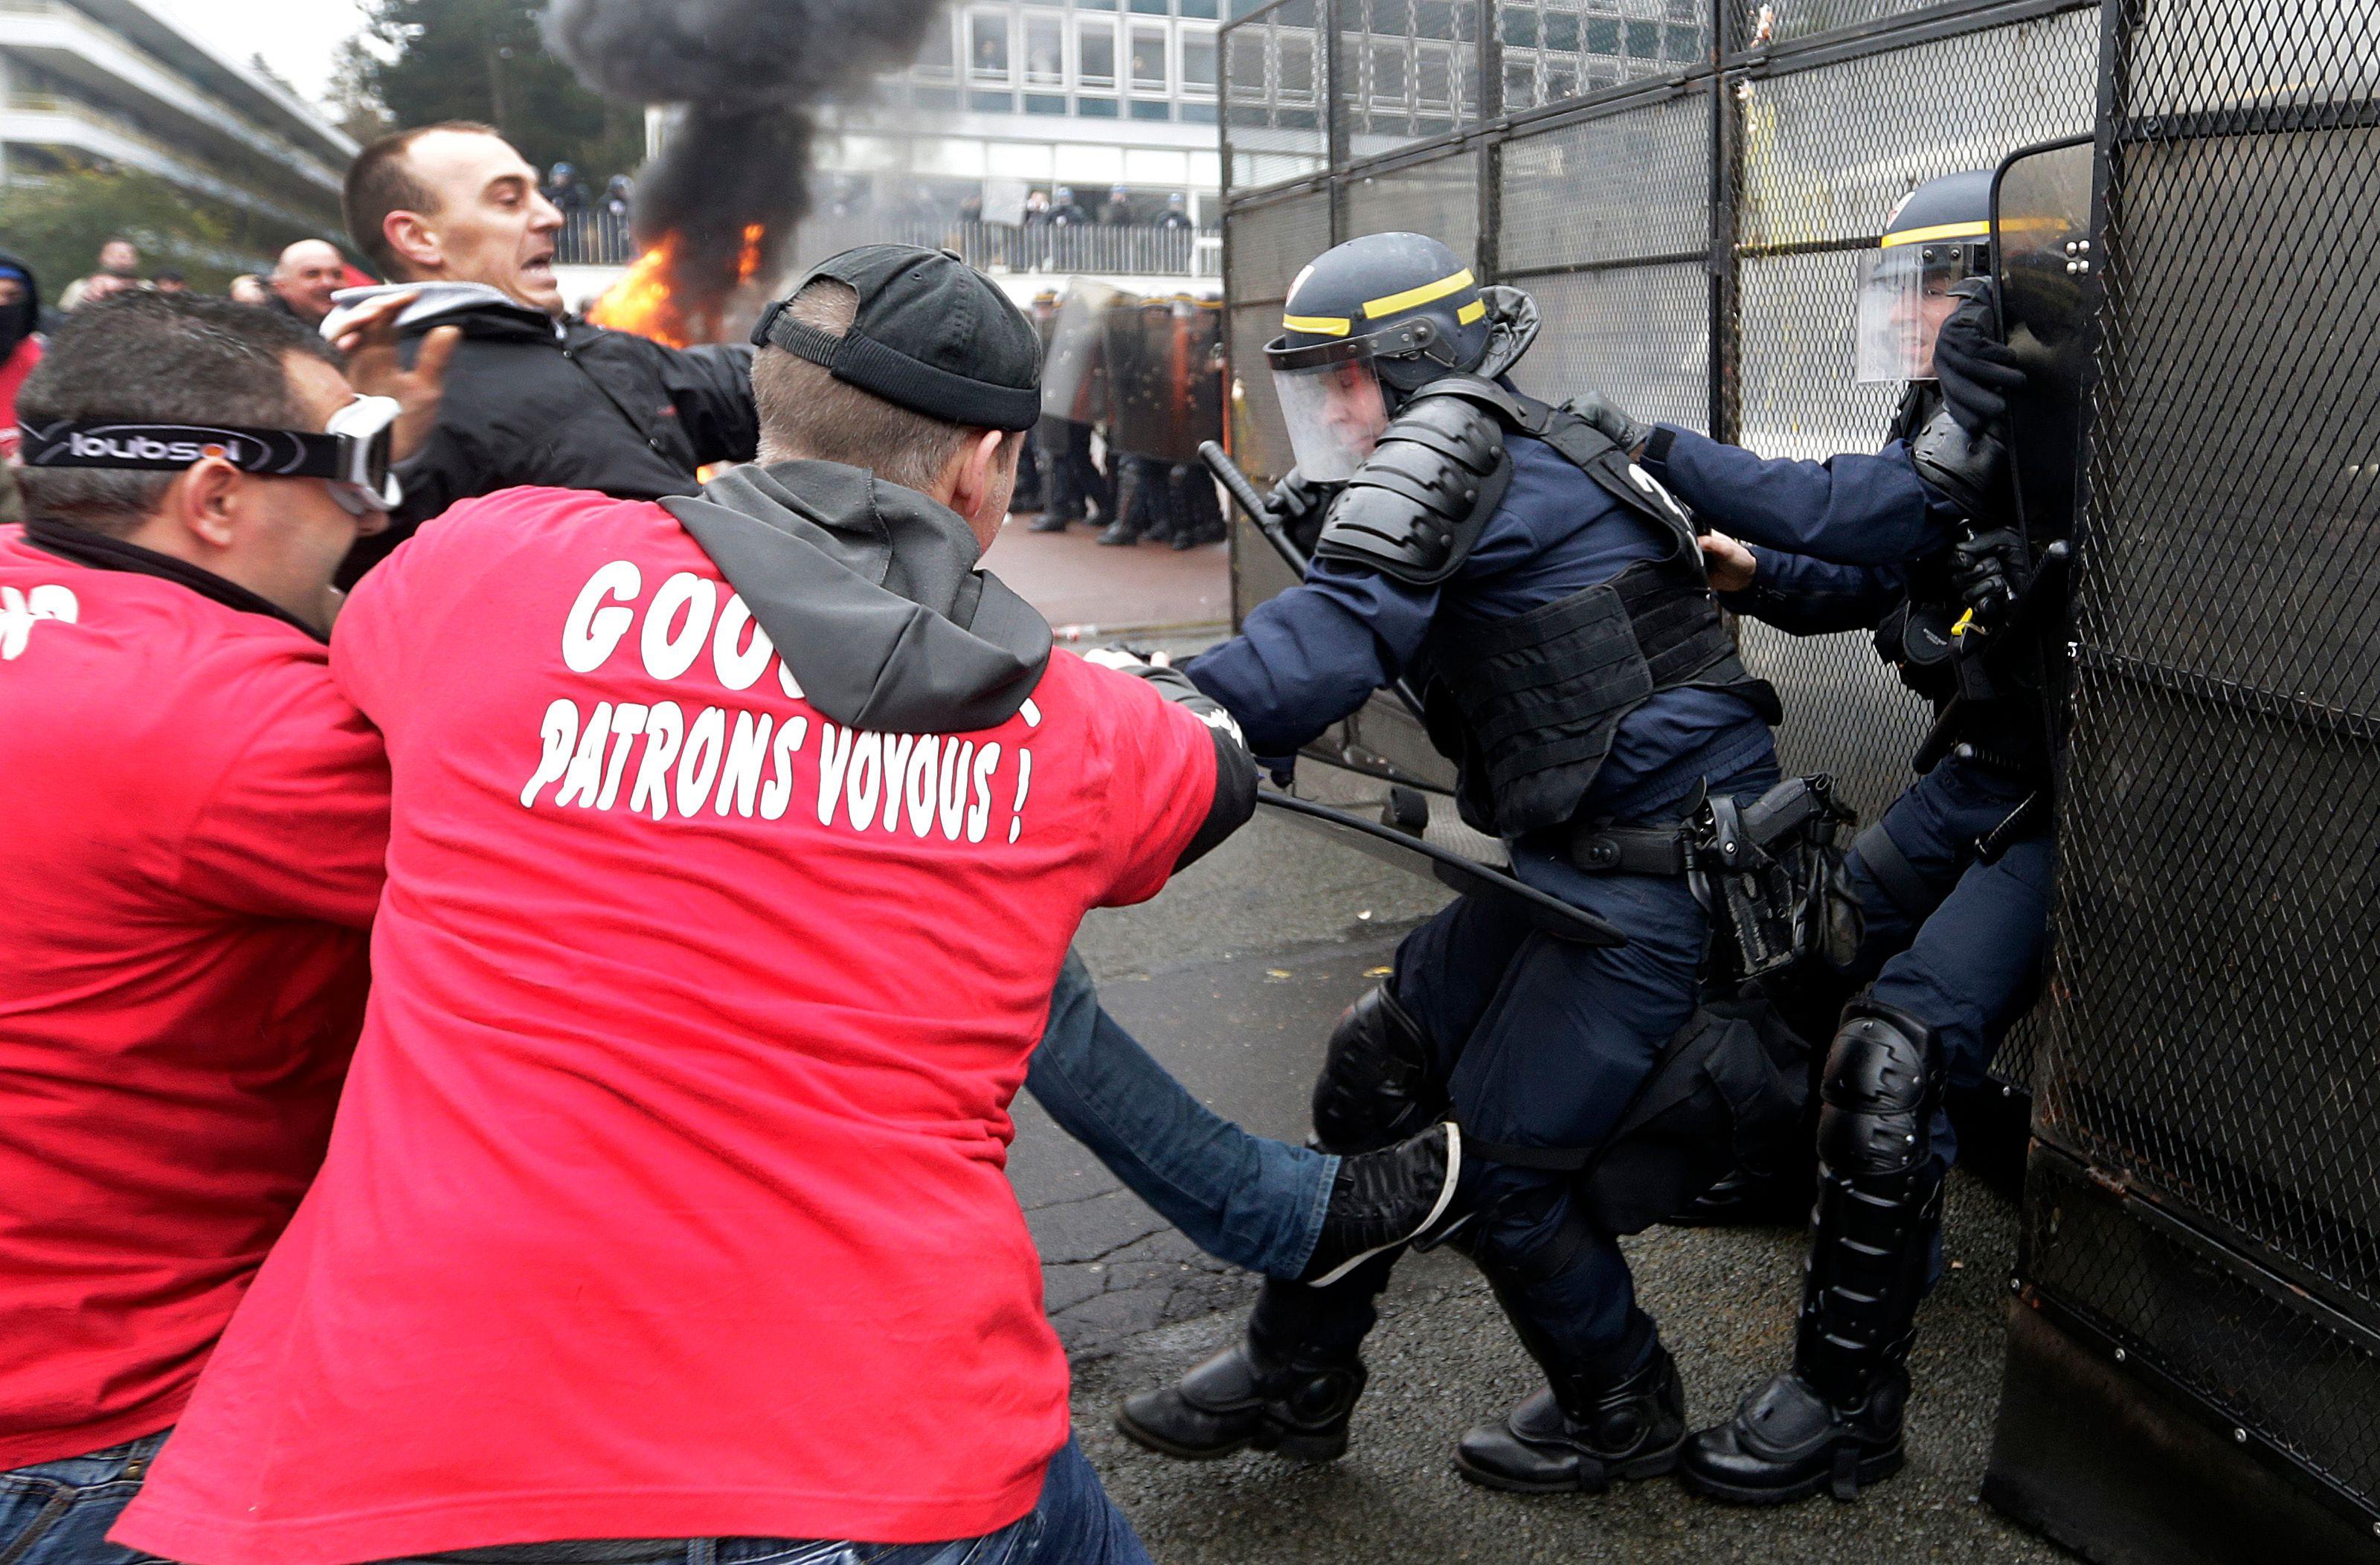 Les salariés de l'usine Goodyear de Rueil-Malmaison s'en sont violemment pris aux forces de l'ordre lors d'une manifestation ce jeudi.